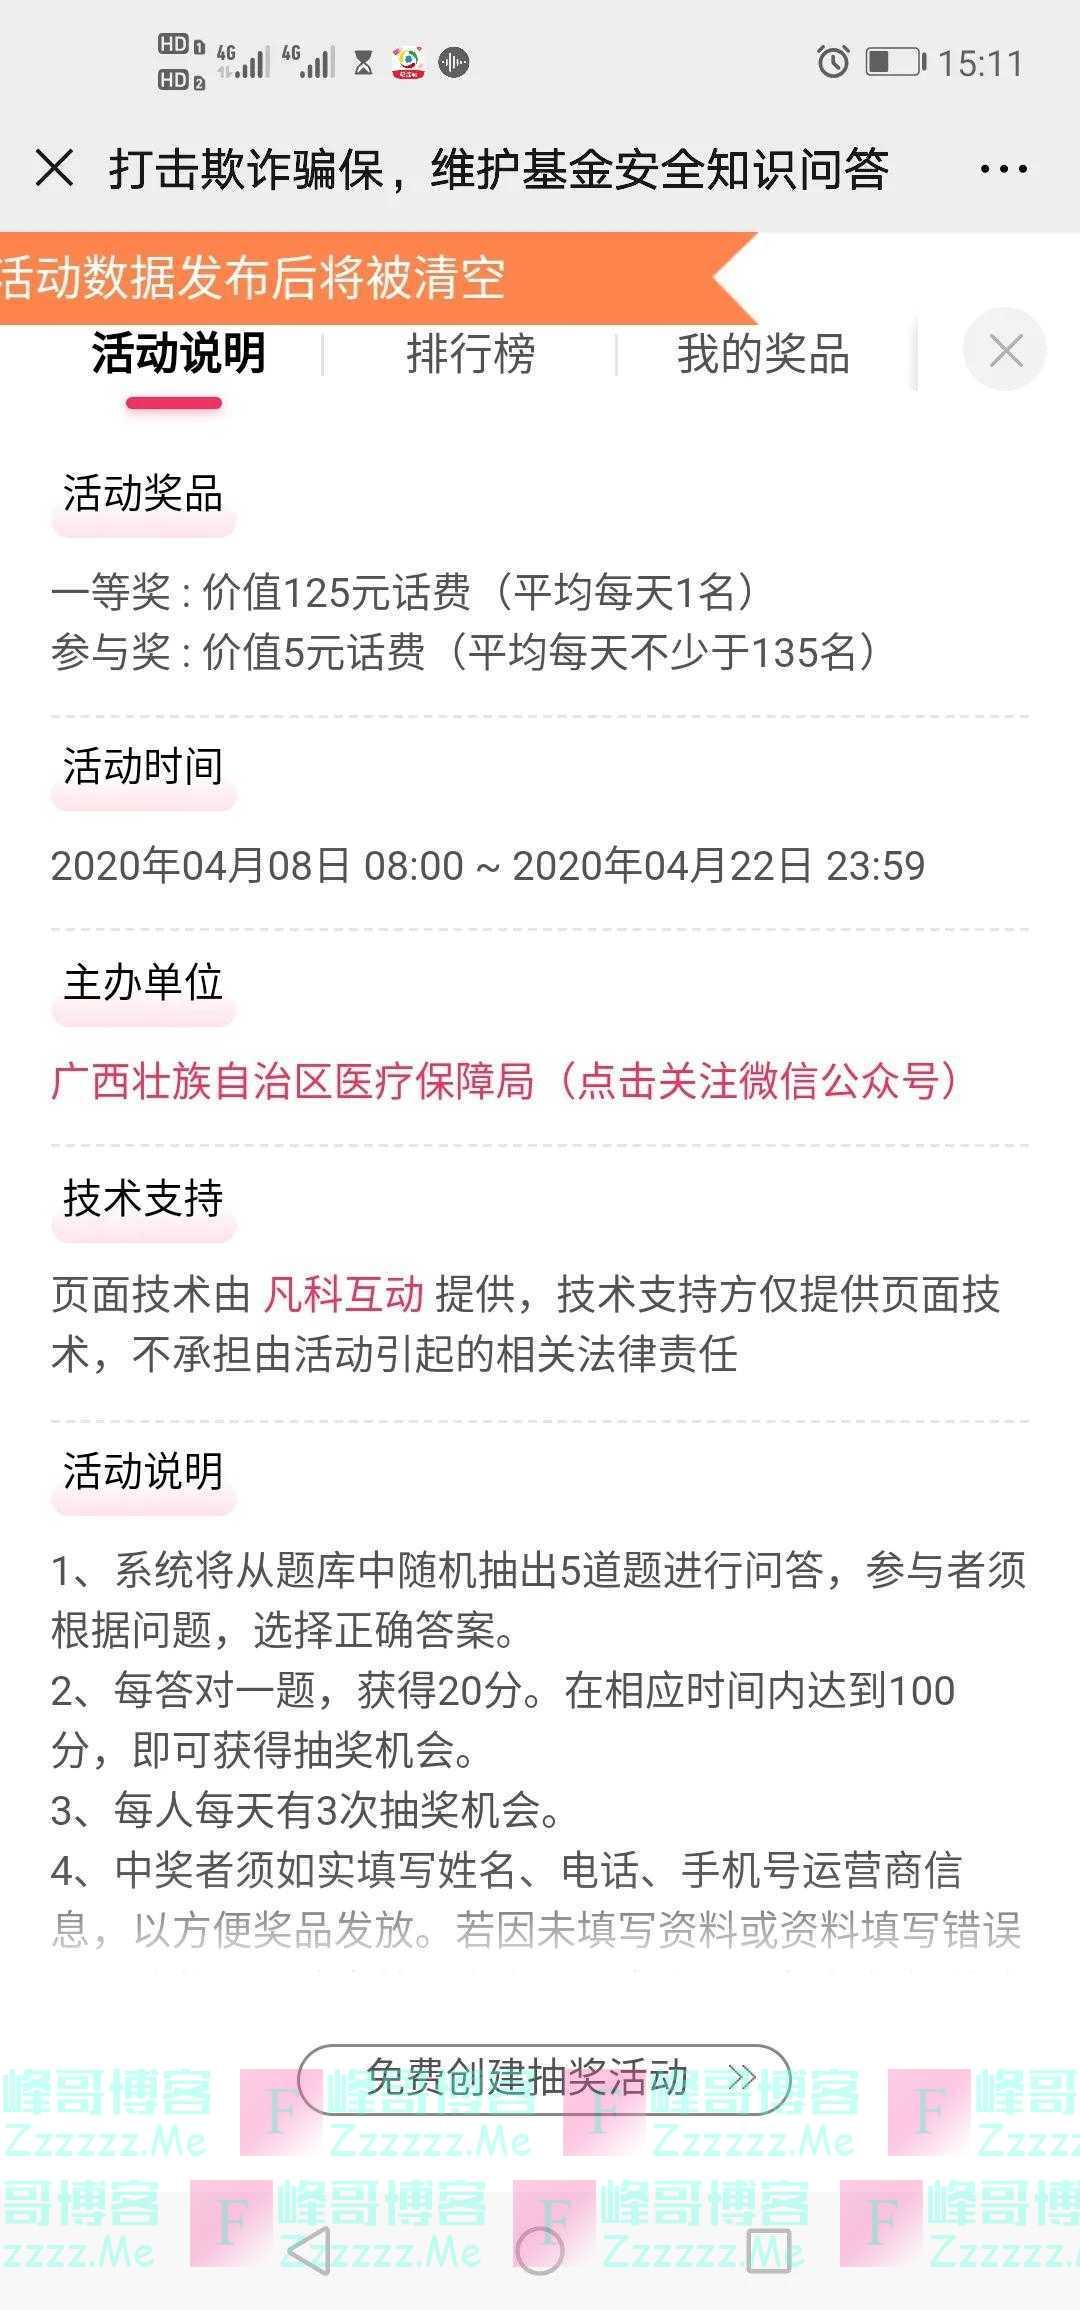 广西医保医保知识有奖竞答(截止4月22日)